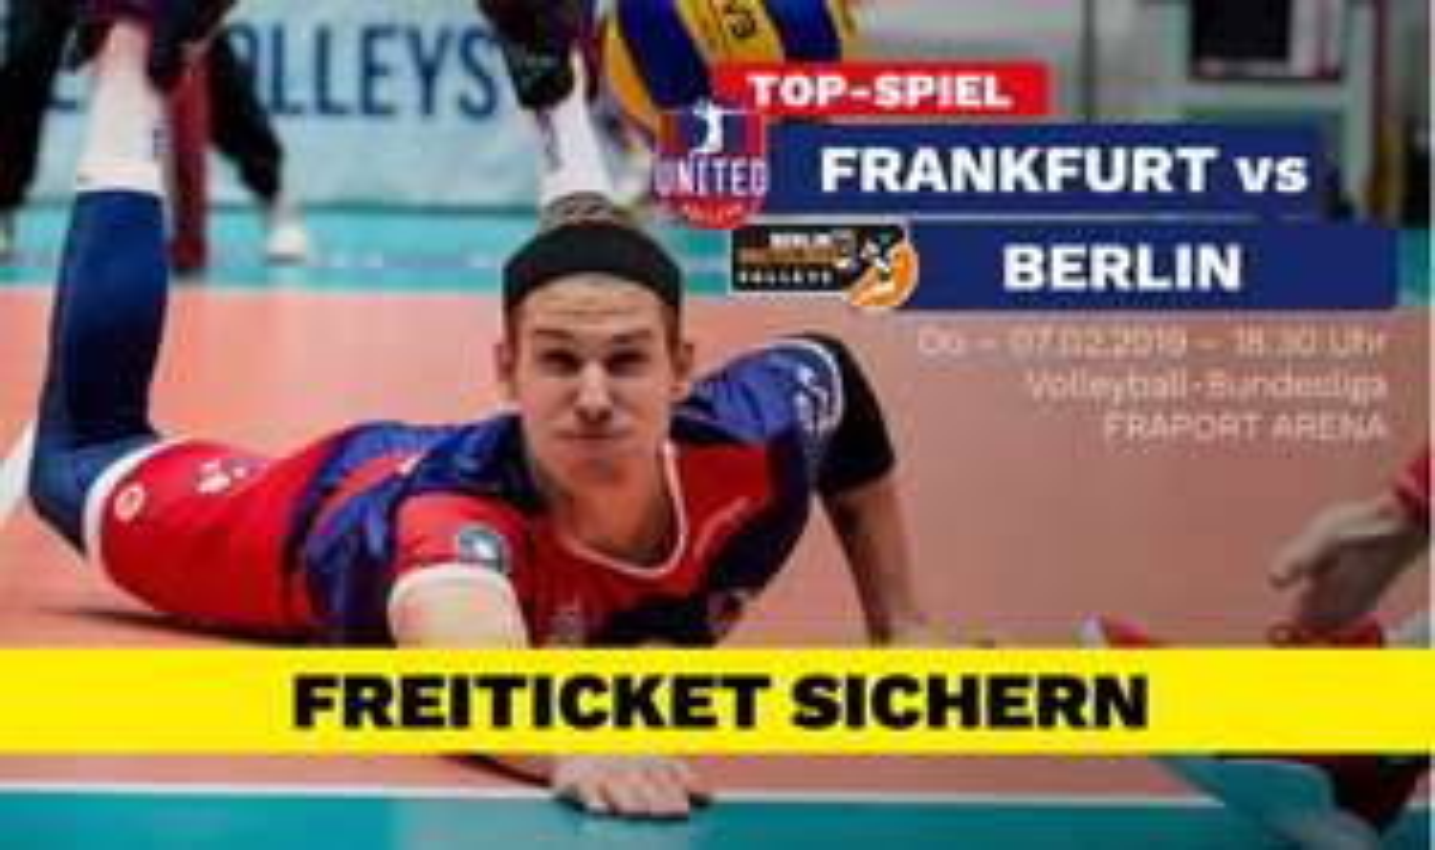 Kostenloses Ticket: [Volleyball-Bundesliga] United Volleys Frankfurt vs. Berlin Recycling Volleys in Frankfurt am Main am 7.2.19